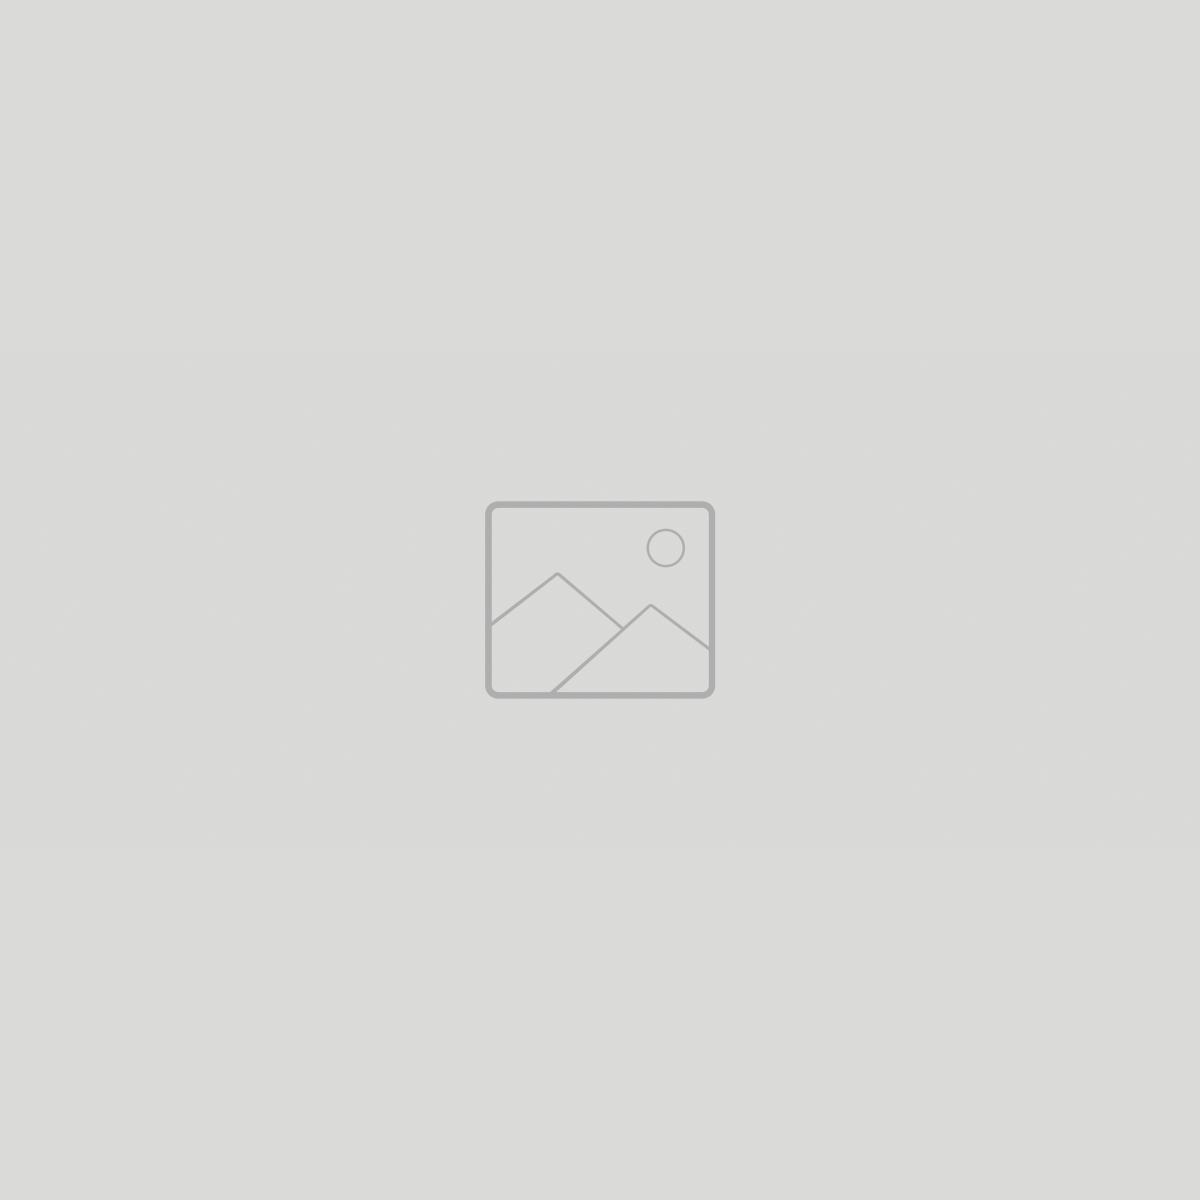 سبيكر Kisonl KK-02 صوت عالي و بسعر مناسب